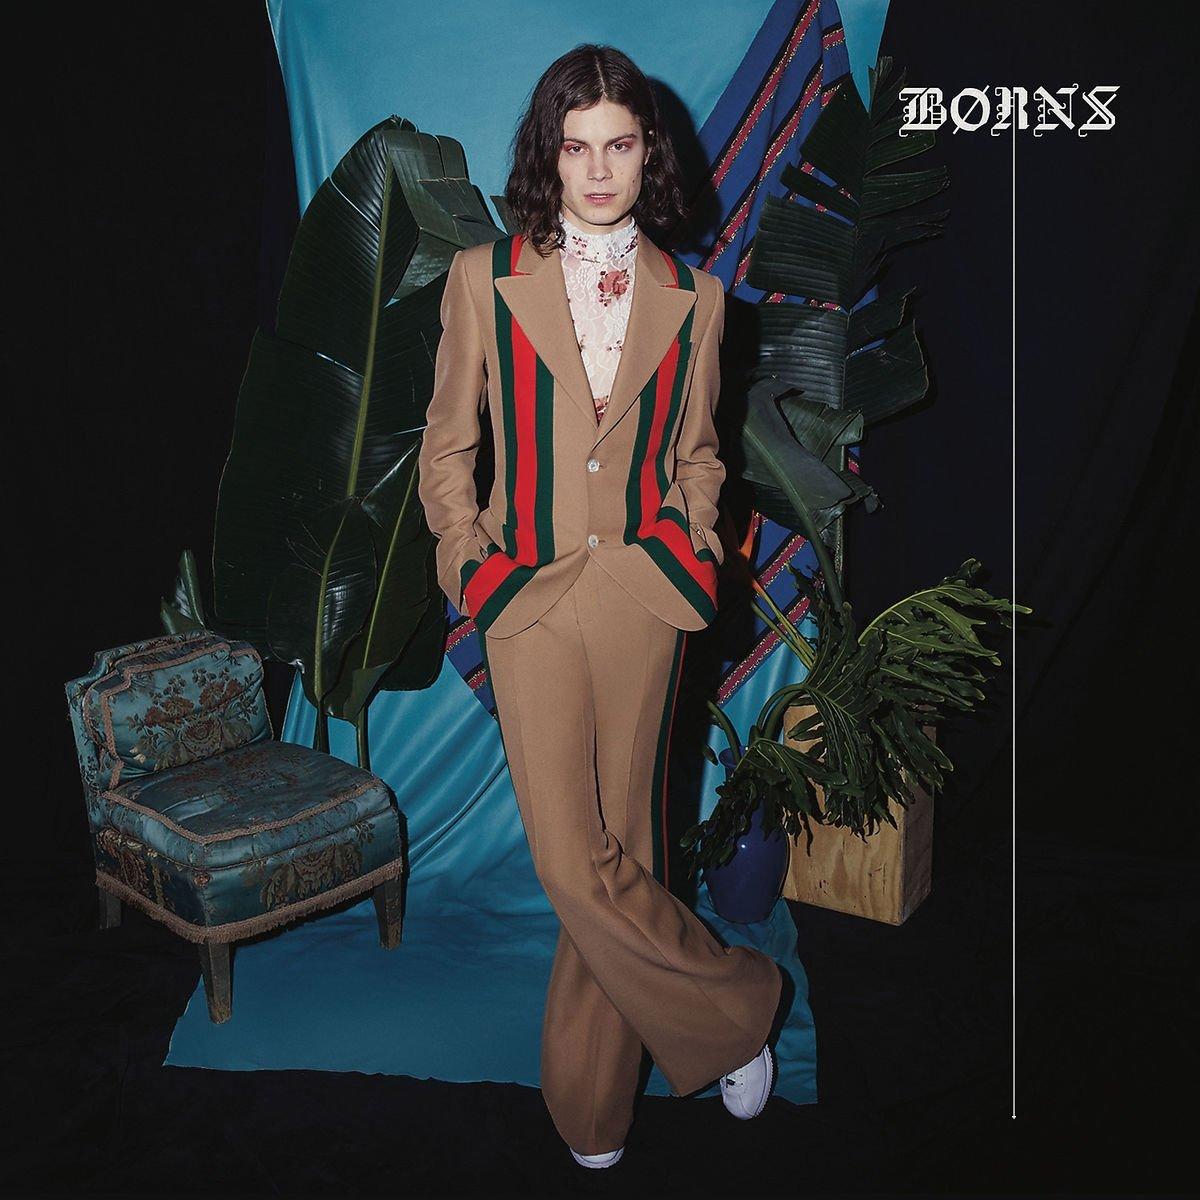 Vinilo : Borns - Blue Madonna (LP Vinyl)